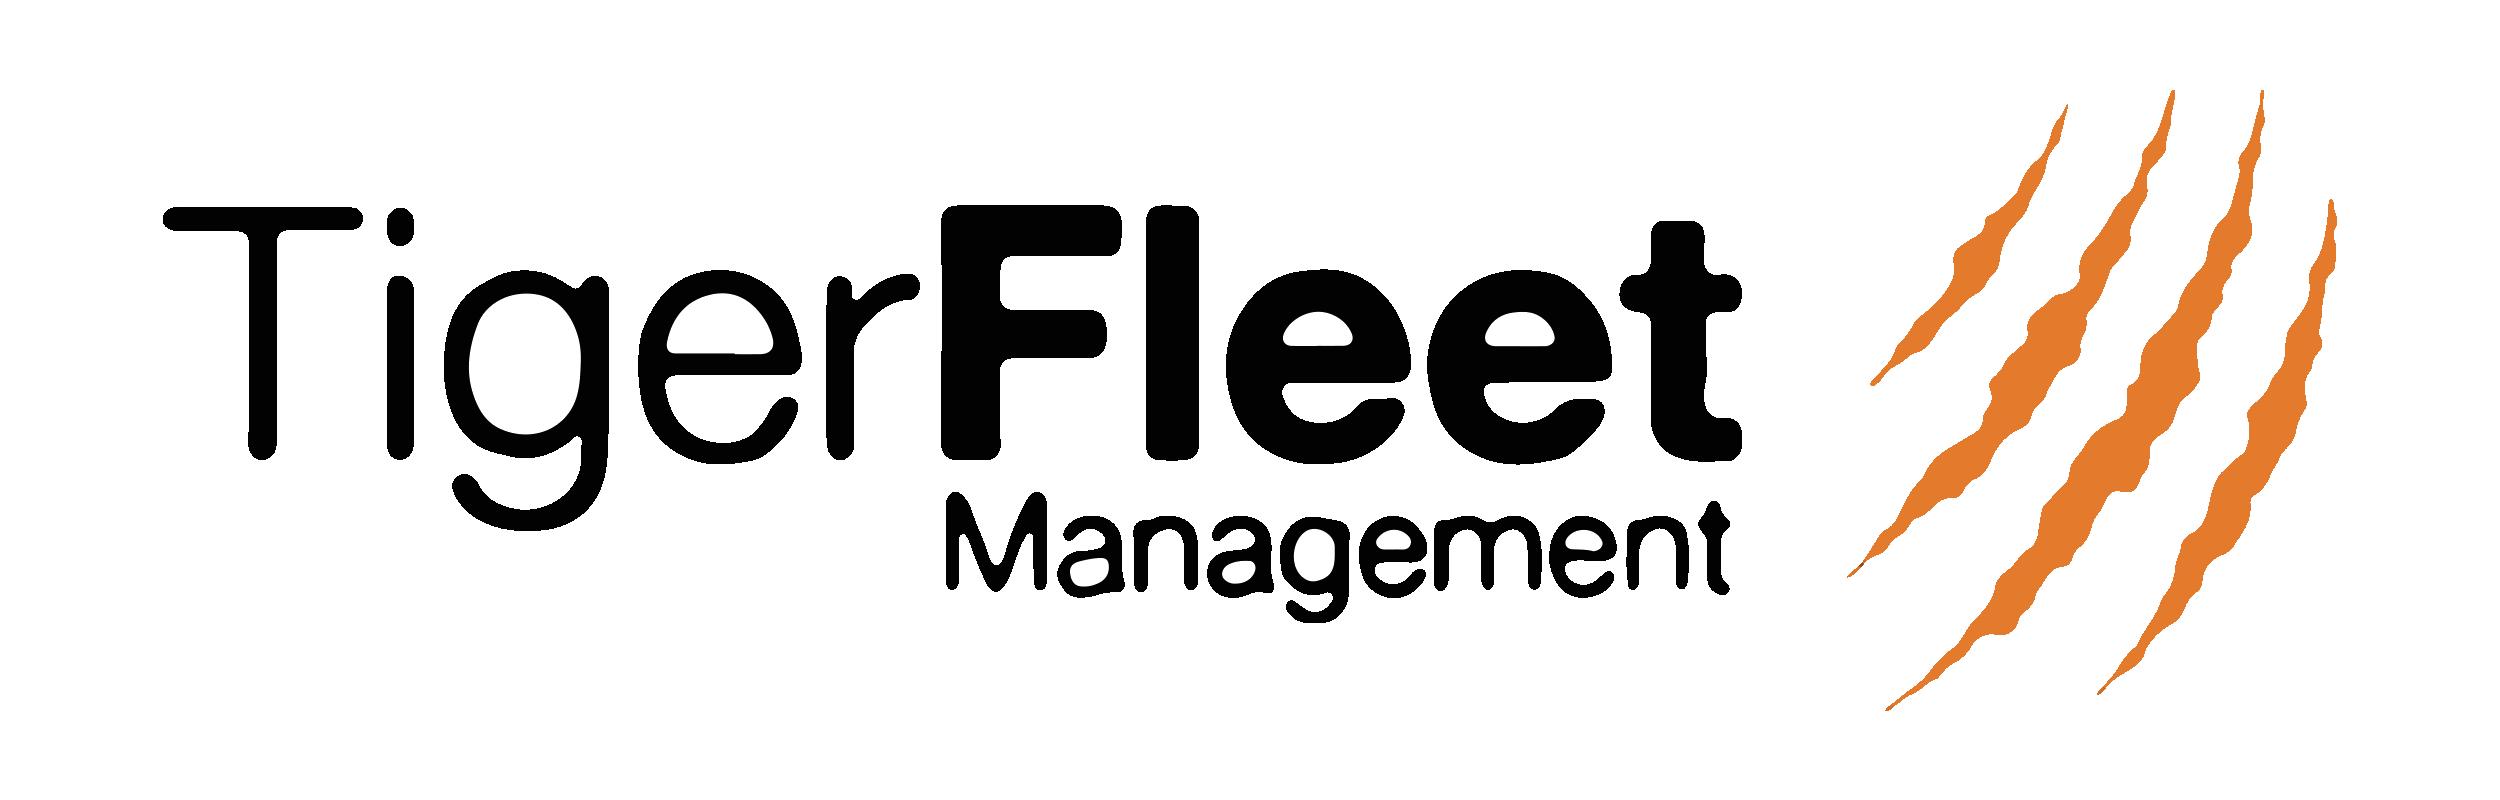 TigerFleet